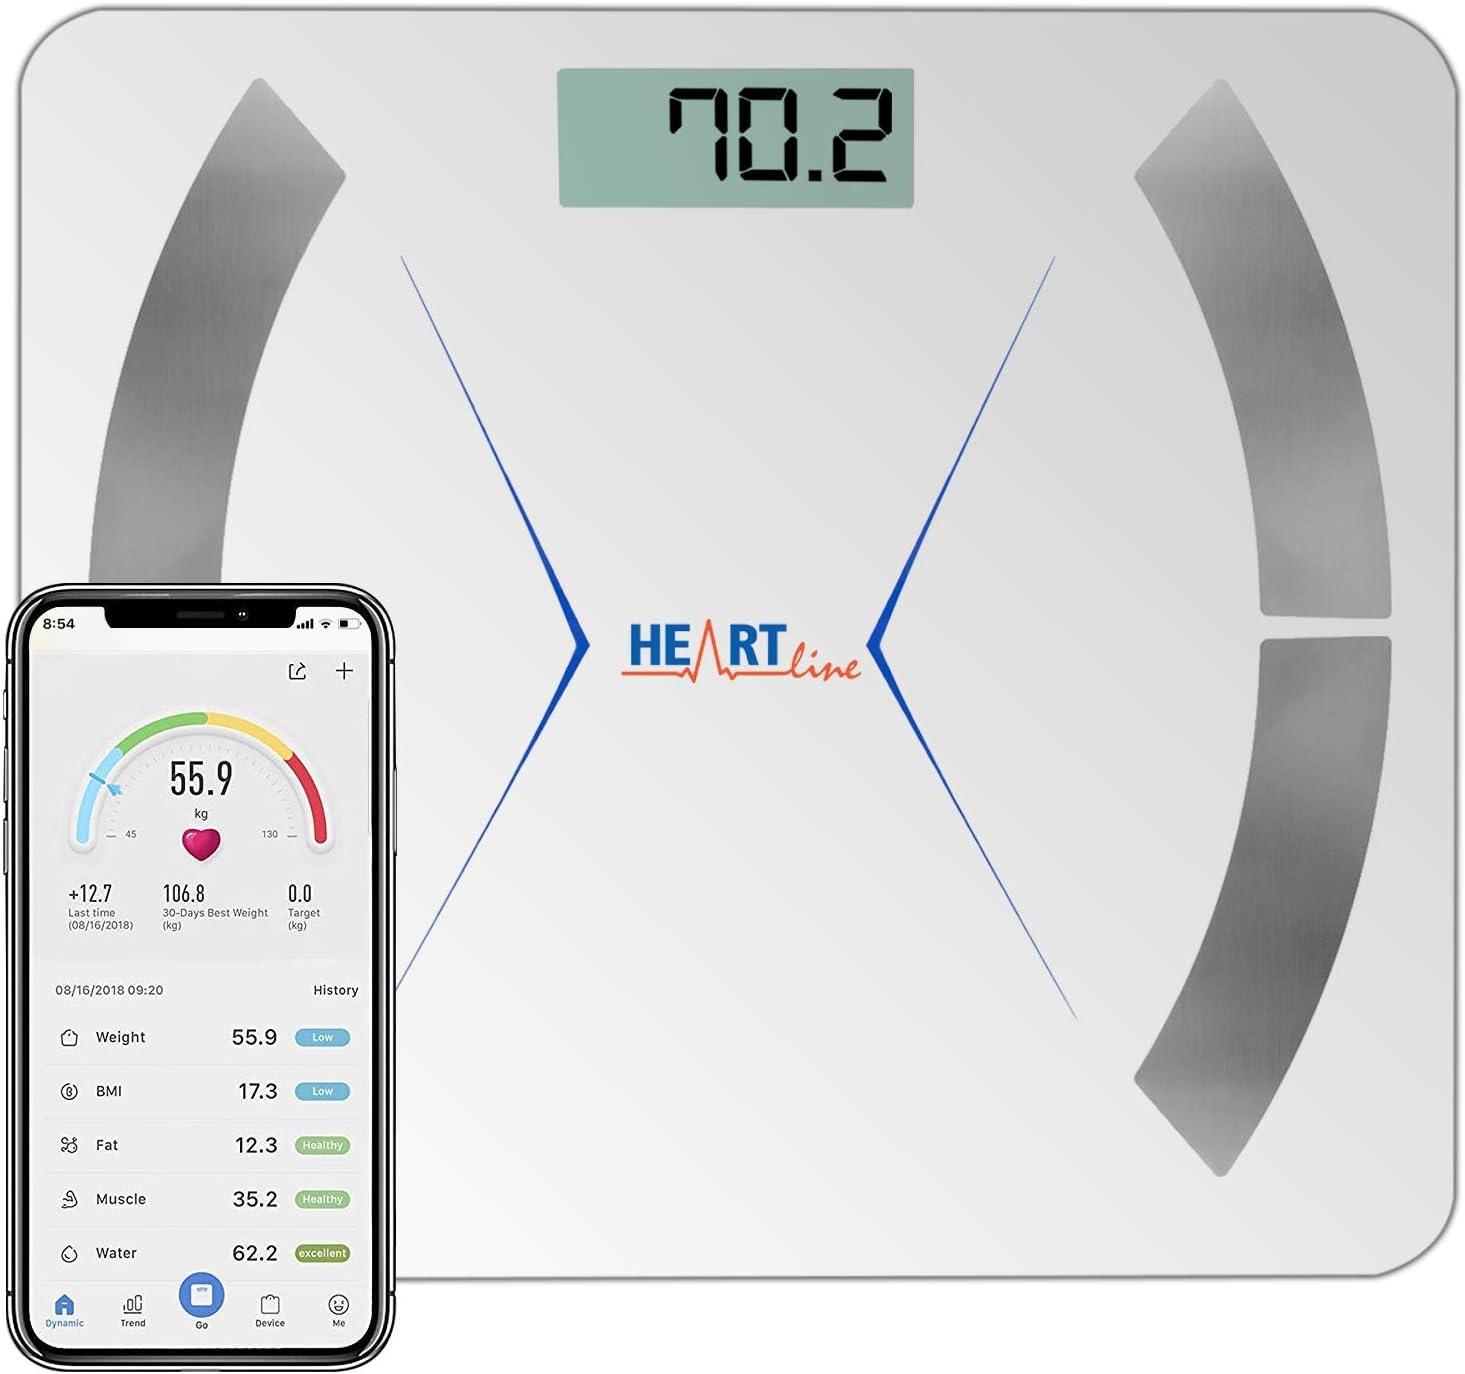 Sharon Bluetooth Body Analyzer Scale Body Analysis Scale Wireless Google Fit App